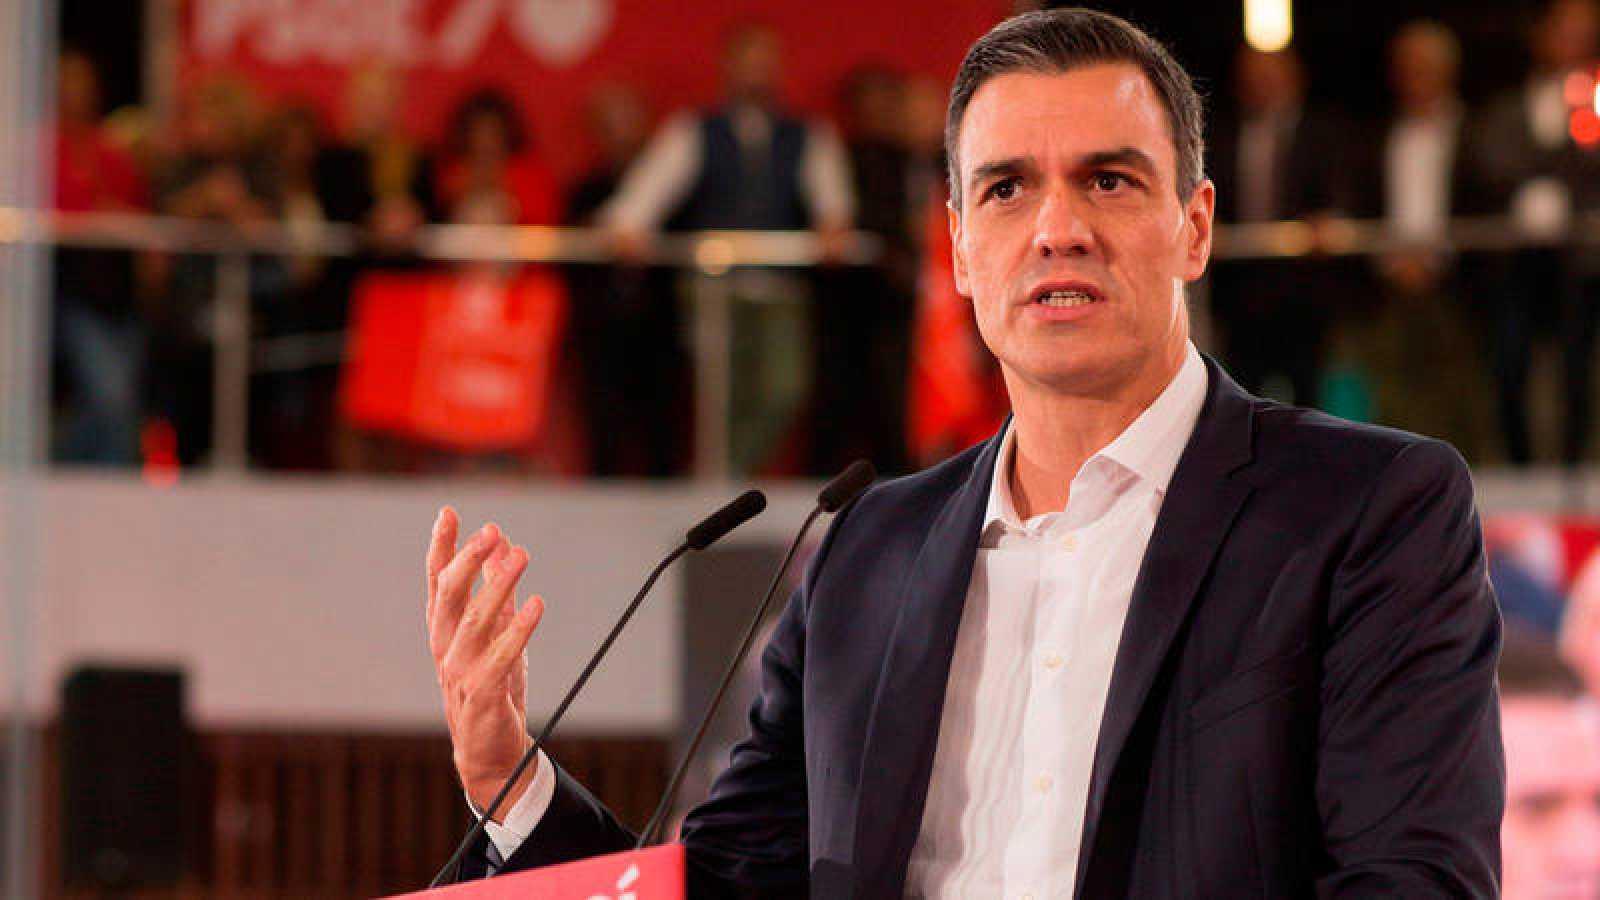 El presidente del Gobierno en funciones y candidato a la reeleción el 10N, Pedro Sánchez.